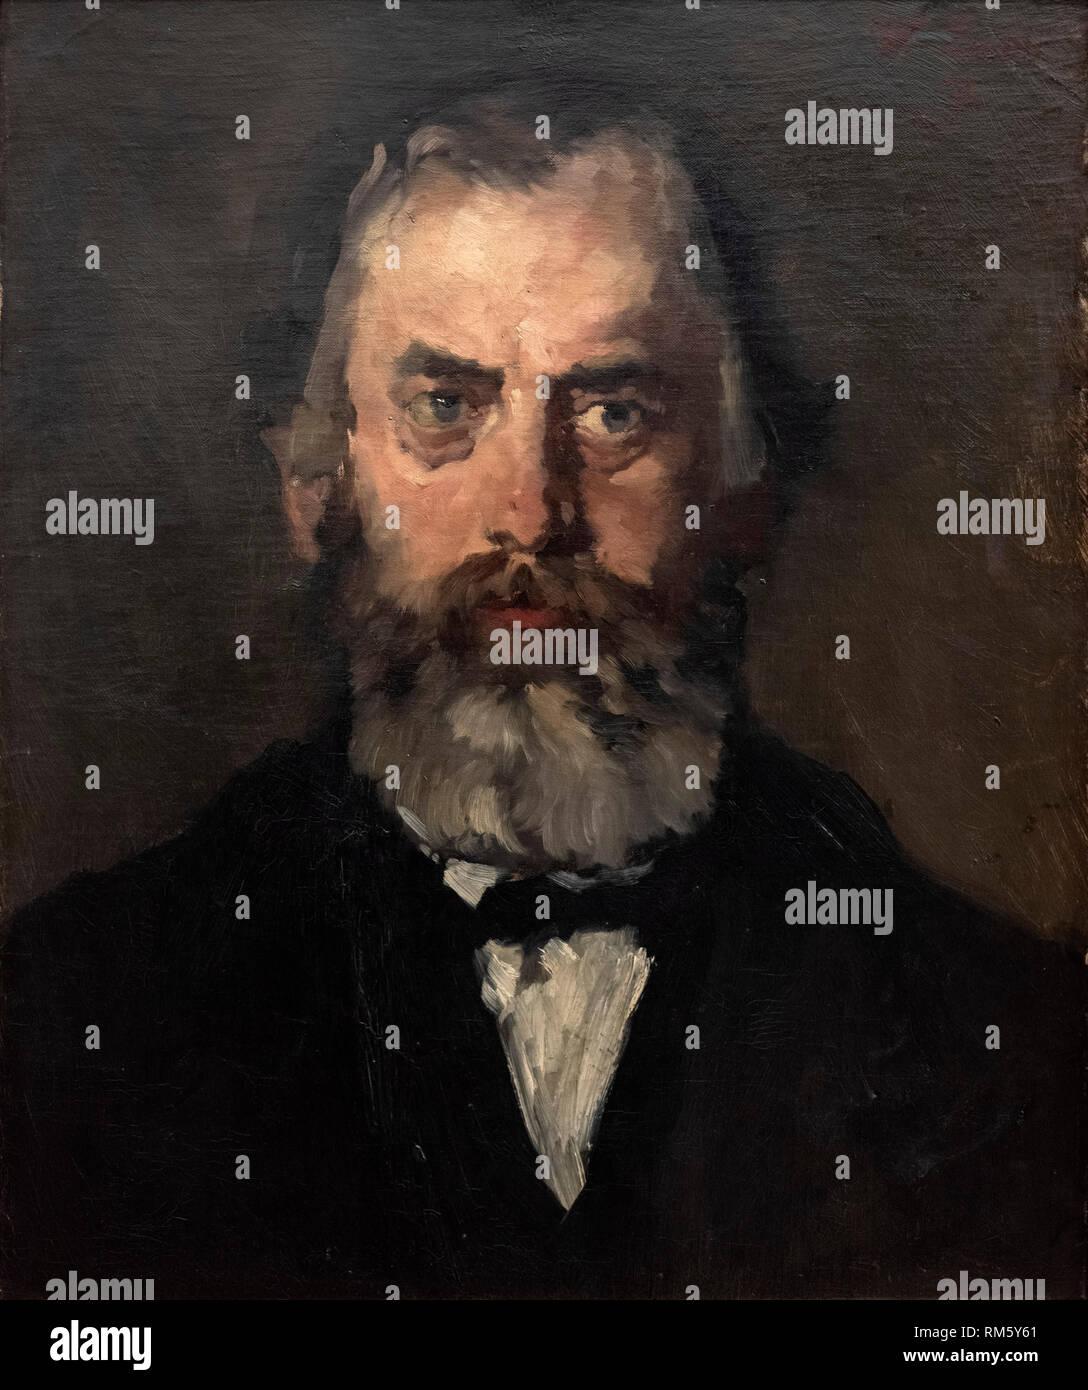 Wilhelm Leibl (1844-1900), The Appeal Magistrate Stenglein (The Bailiff), 1871. Der Appelationsrat Stenglein (Der Amtmann). Alte Nationalgalerie, Berl - Stock Image